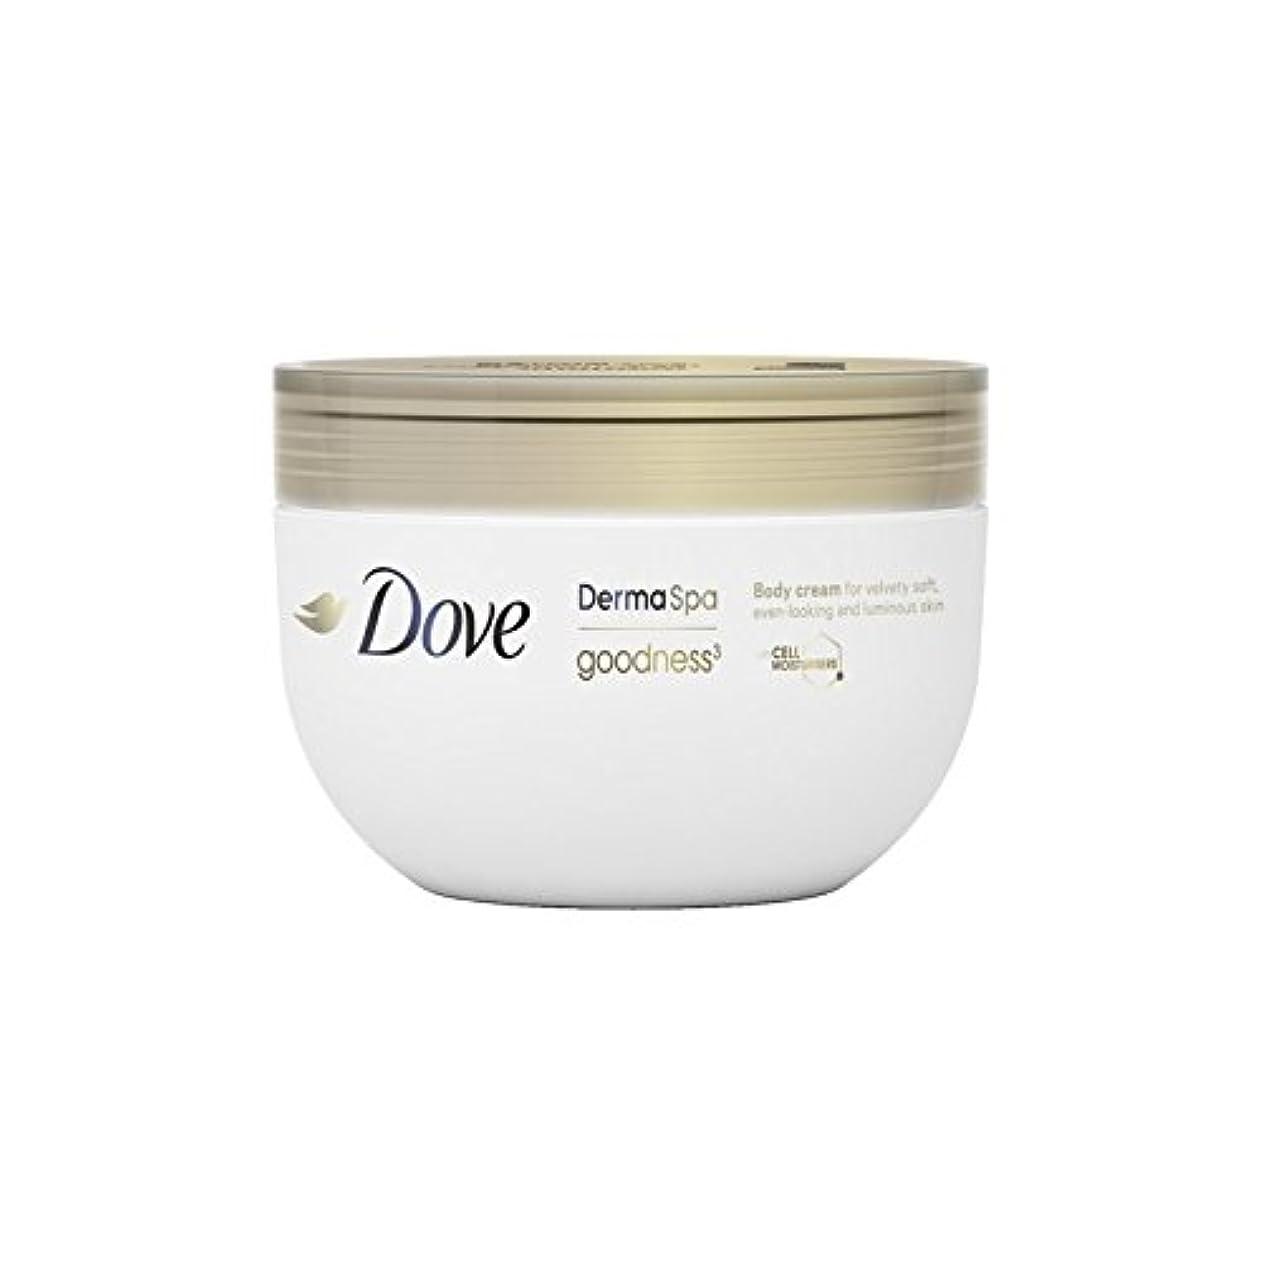 鳩の3ボディクリーム(300ミリリットル) x4 - Dove DermaSpa Goodness3 Body Cream (300ml) (Pack of 4) [並行輸入品]